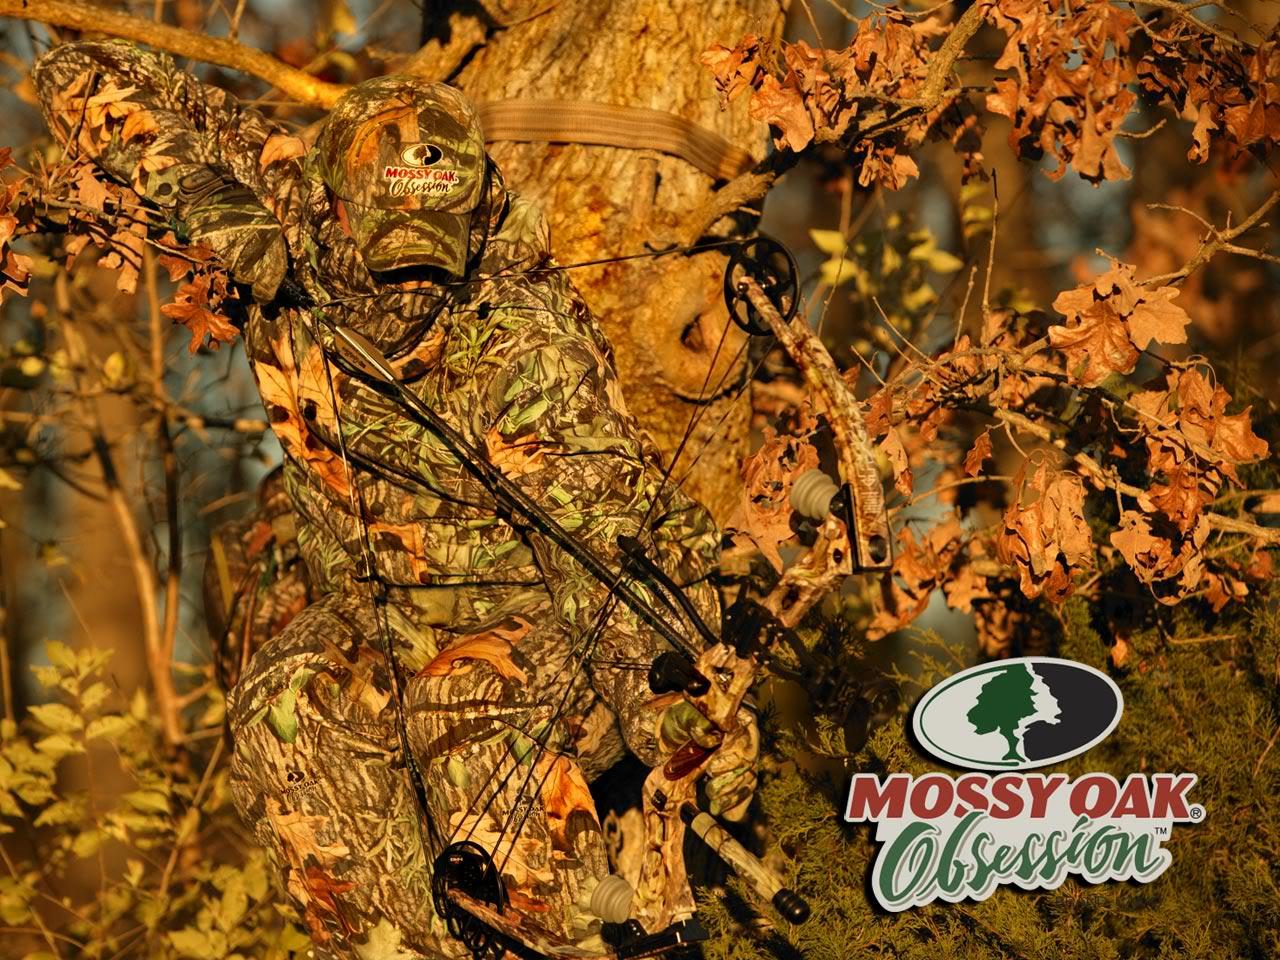 Mossy Oak Wallpaper 1280x960 71314